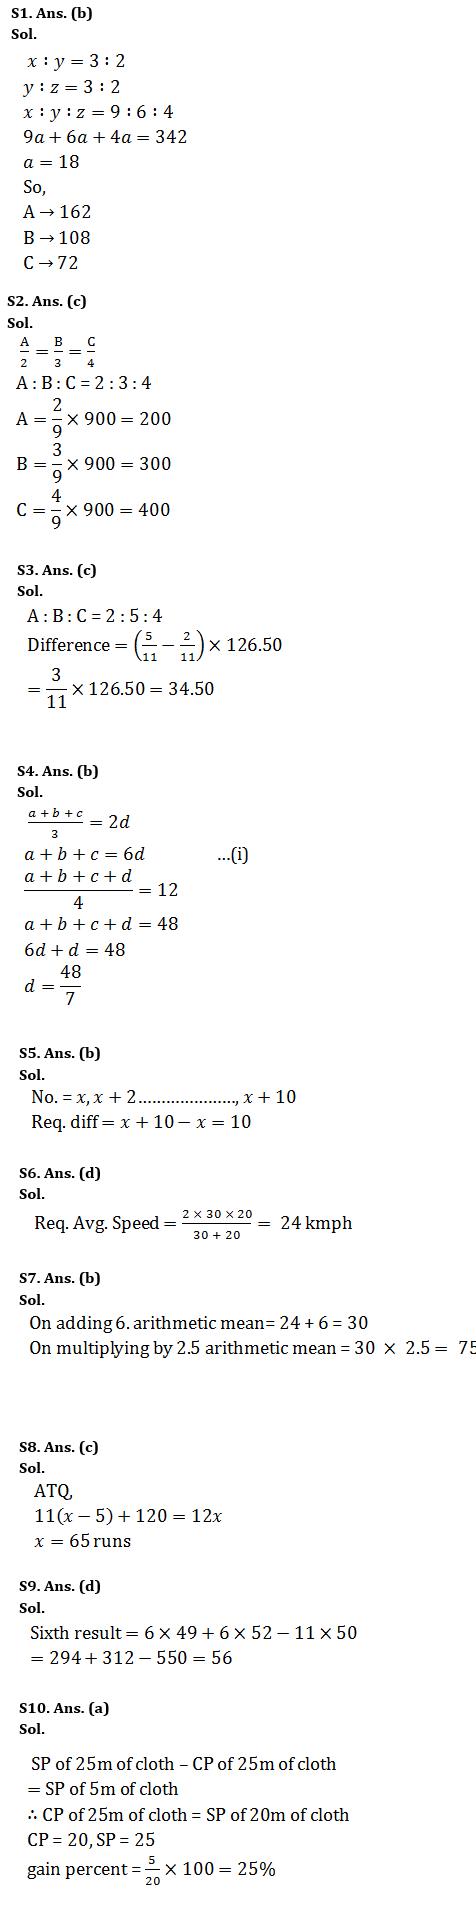 टारगेट SSC CGL | 10,000+ प्रश्न | SSC CGL के लिए गणित के प्रश्न : 92 वाँ दिन_70.1